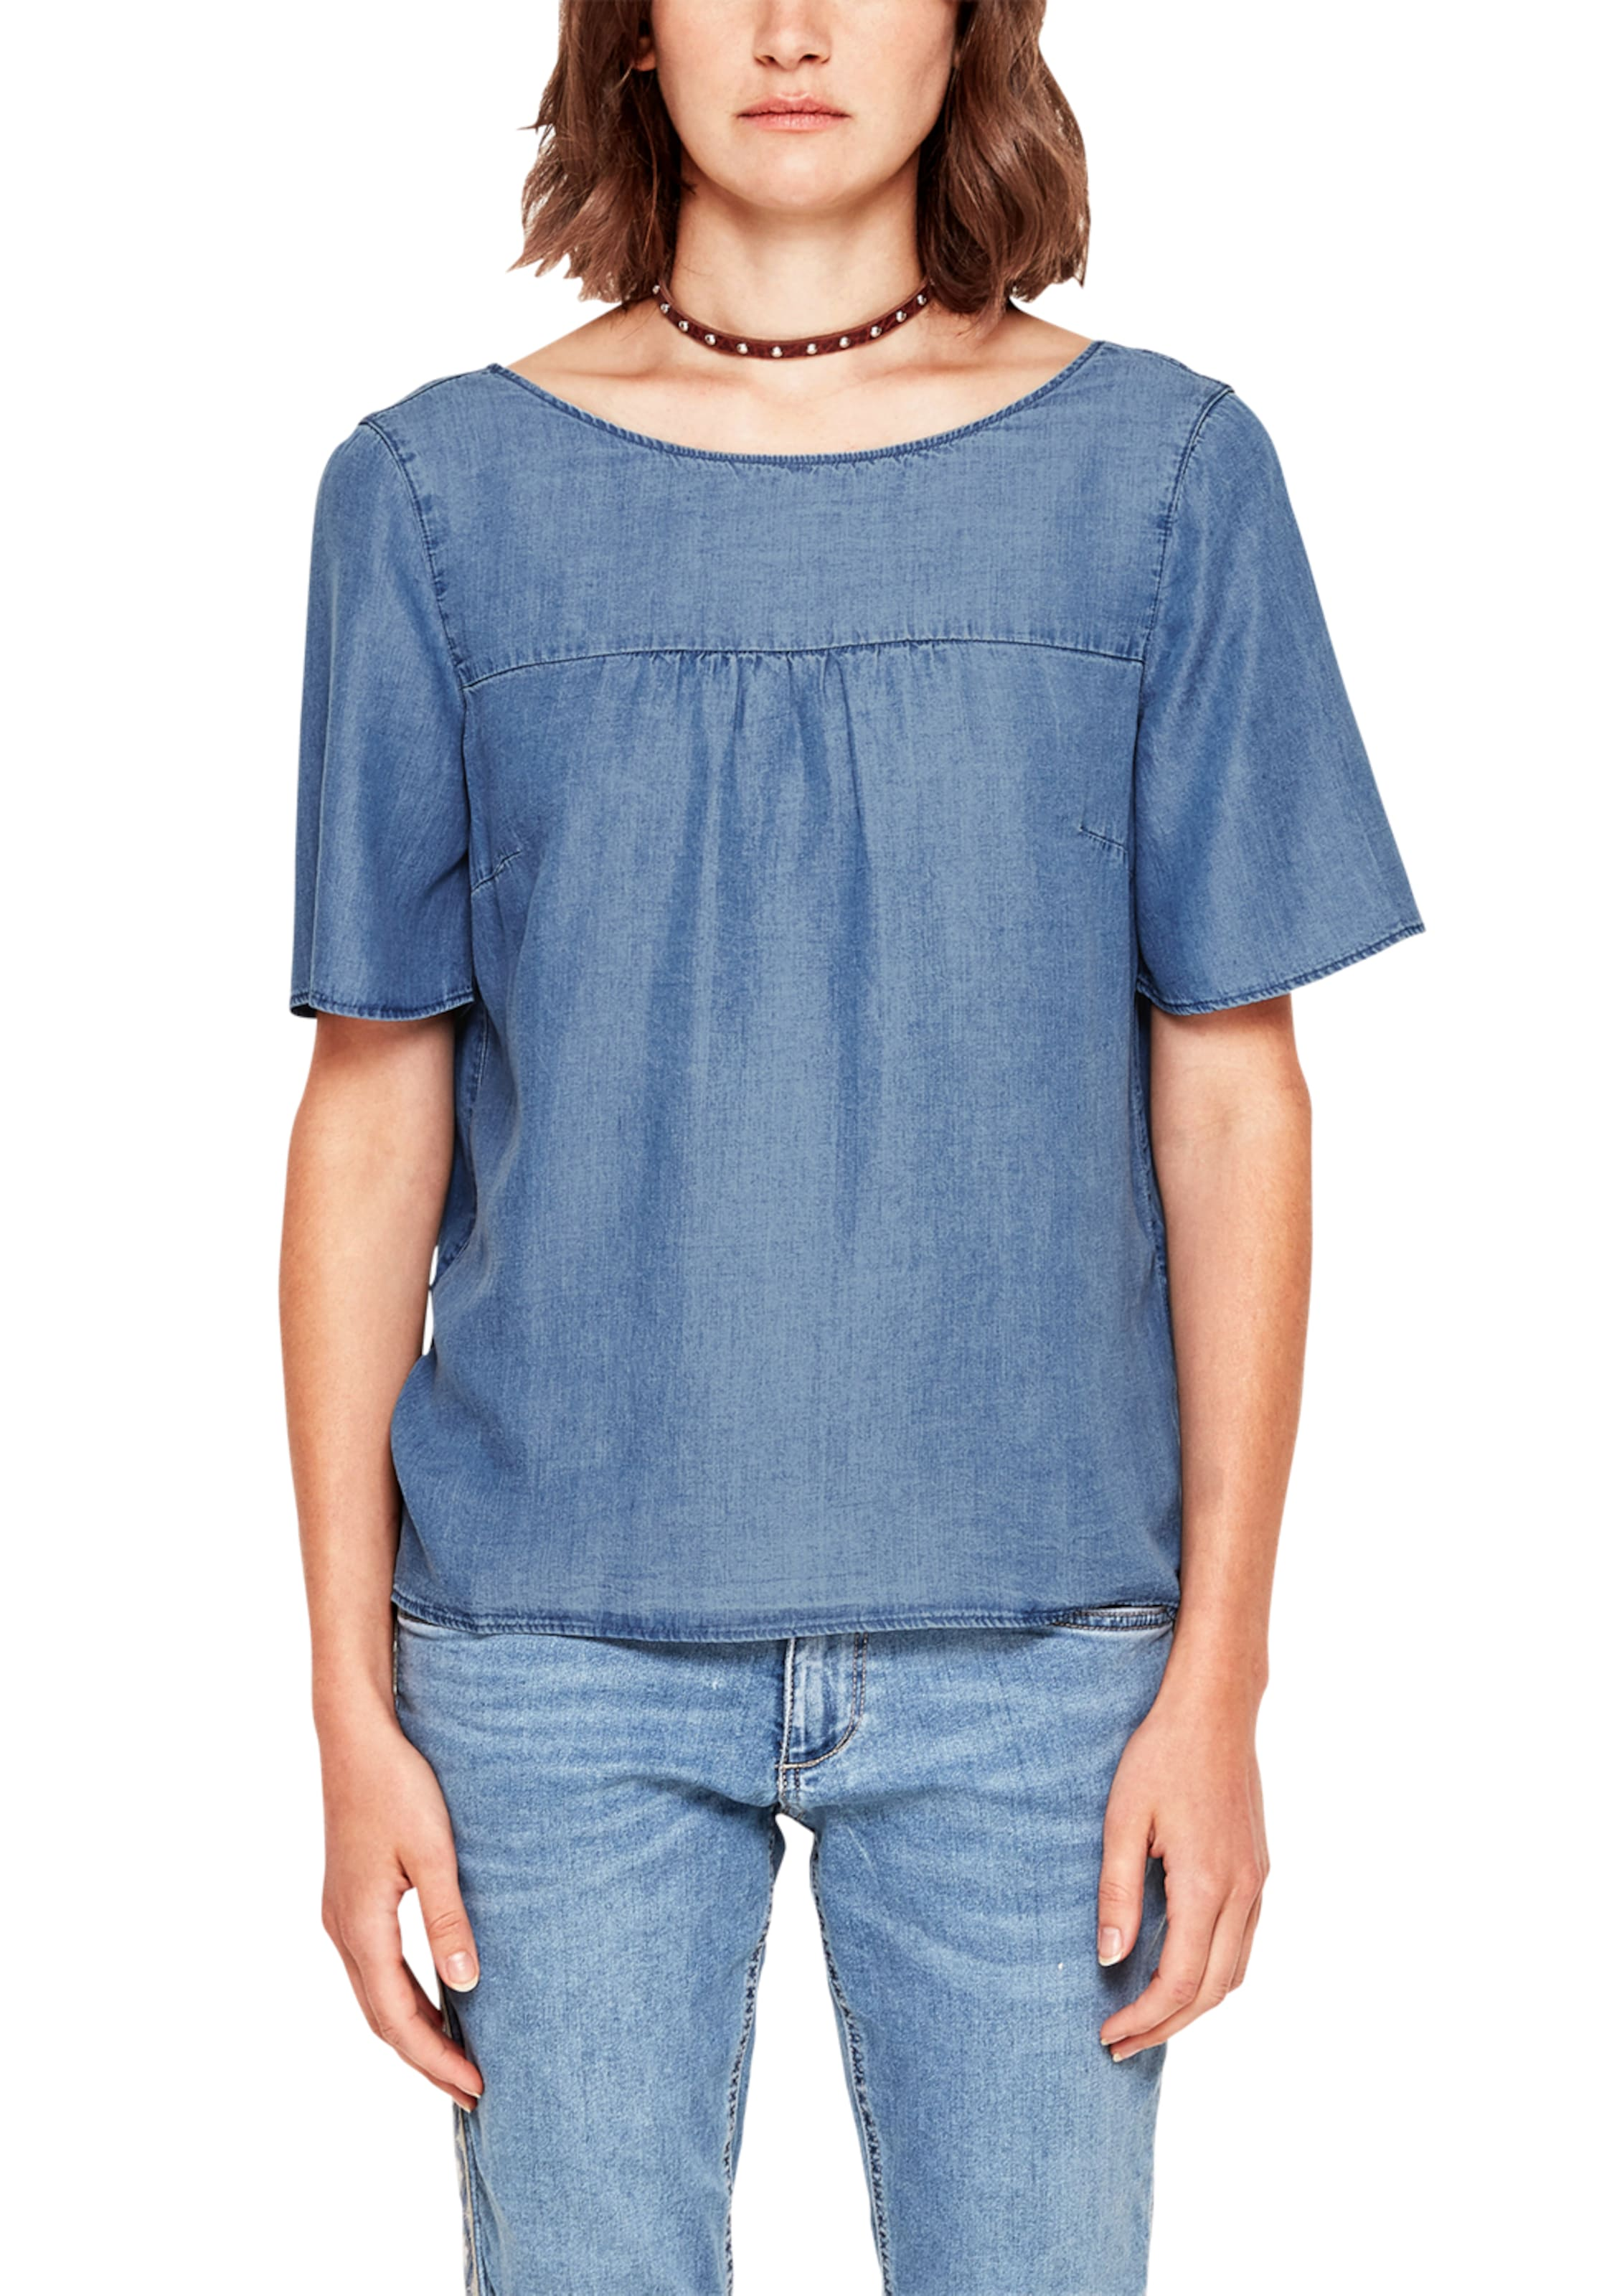 Denim Red S In Blusenshirt Blue oliver Label kXTOiPZu